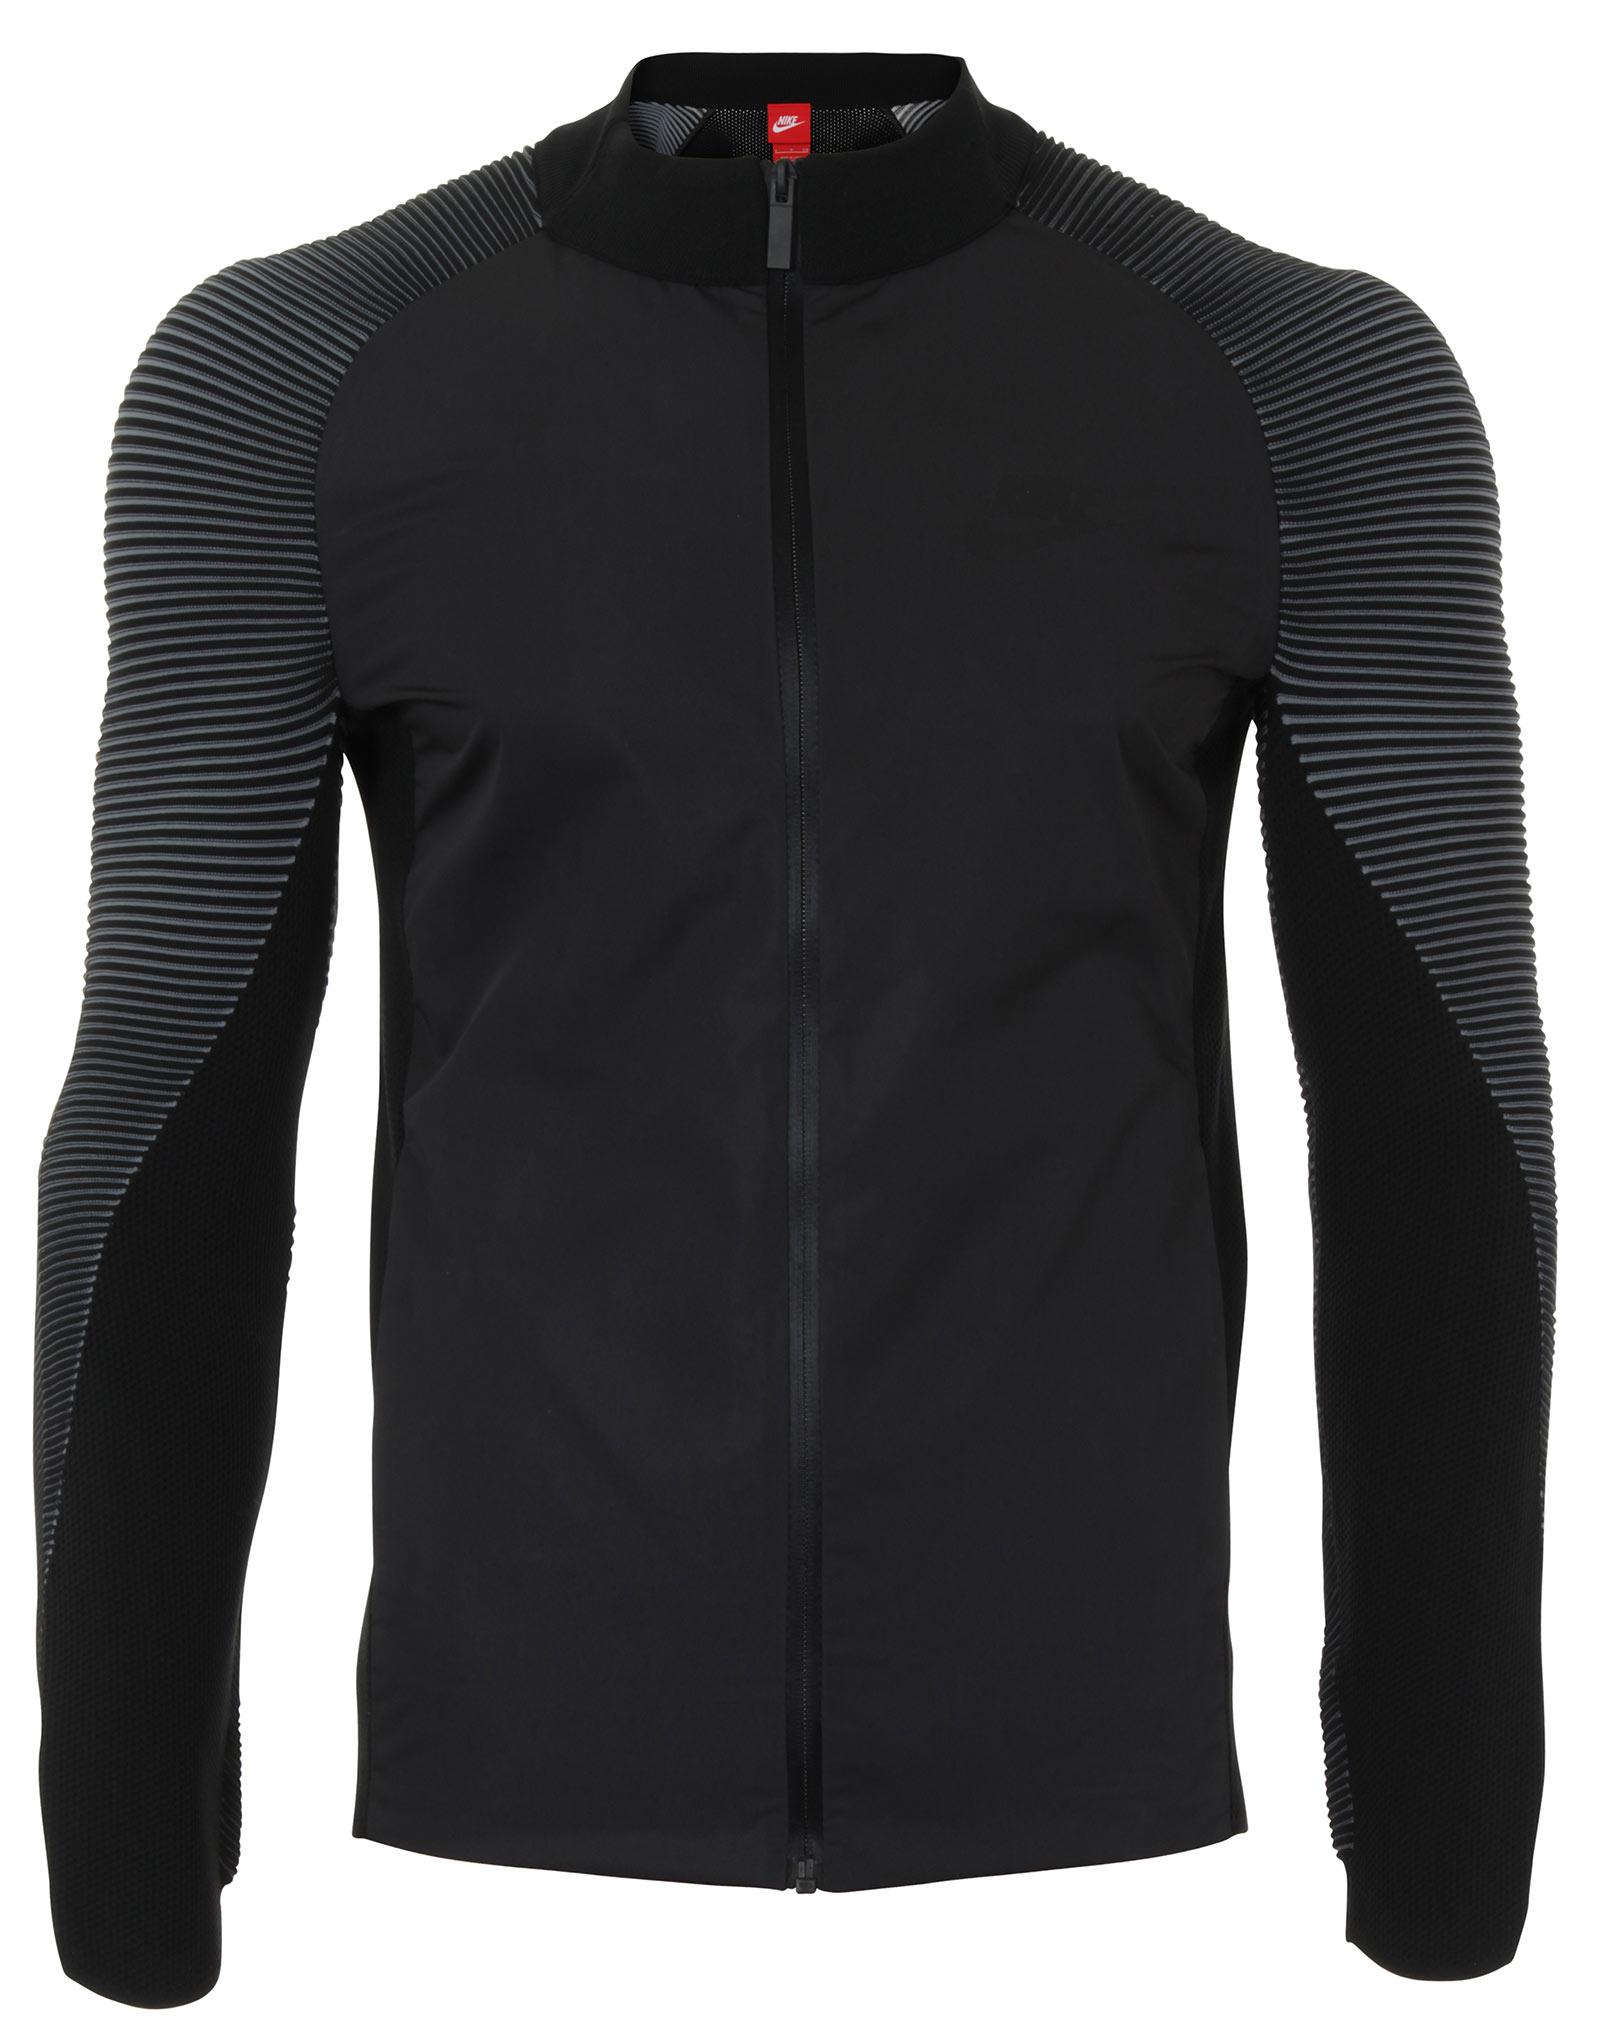 ... neuf-Nike-Vetements-de-SPORT-DYNAMIC-Reveal-TECH-